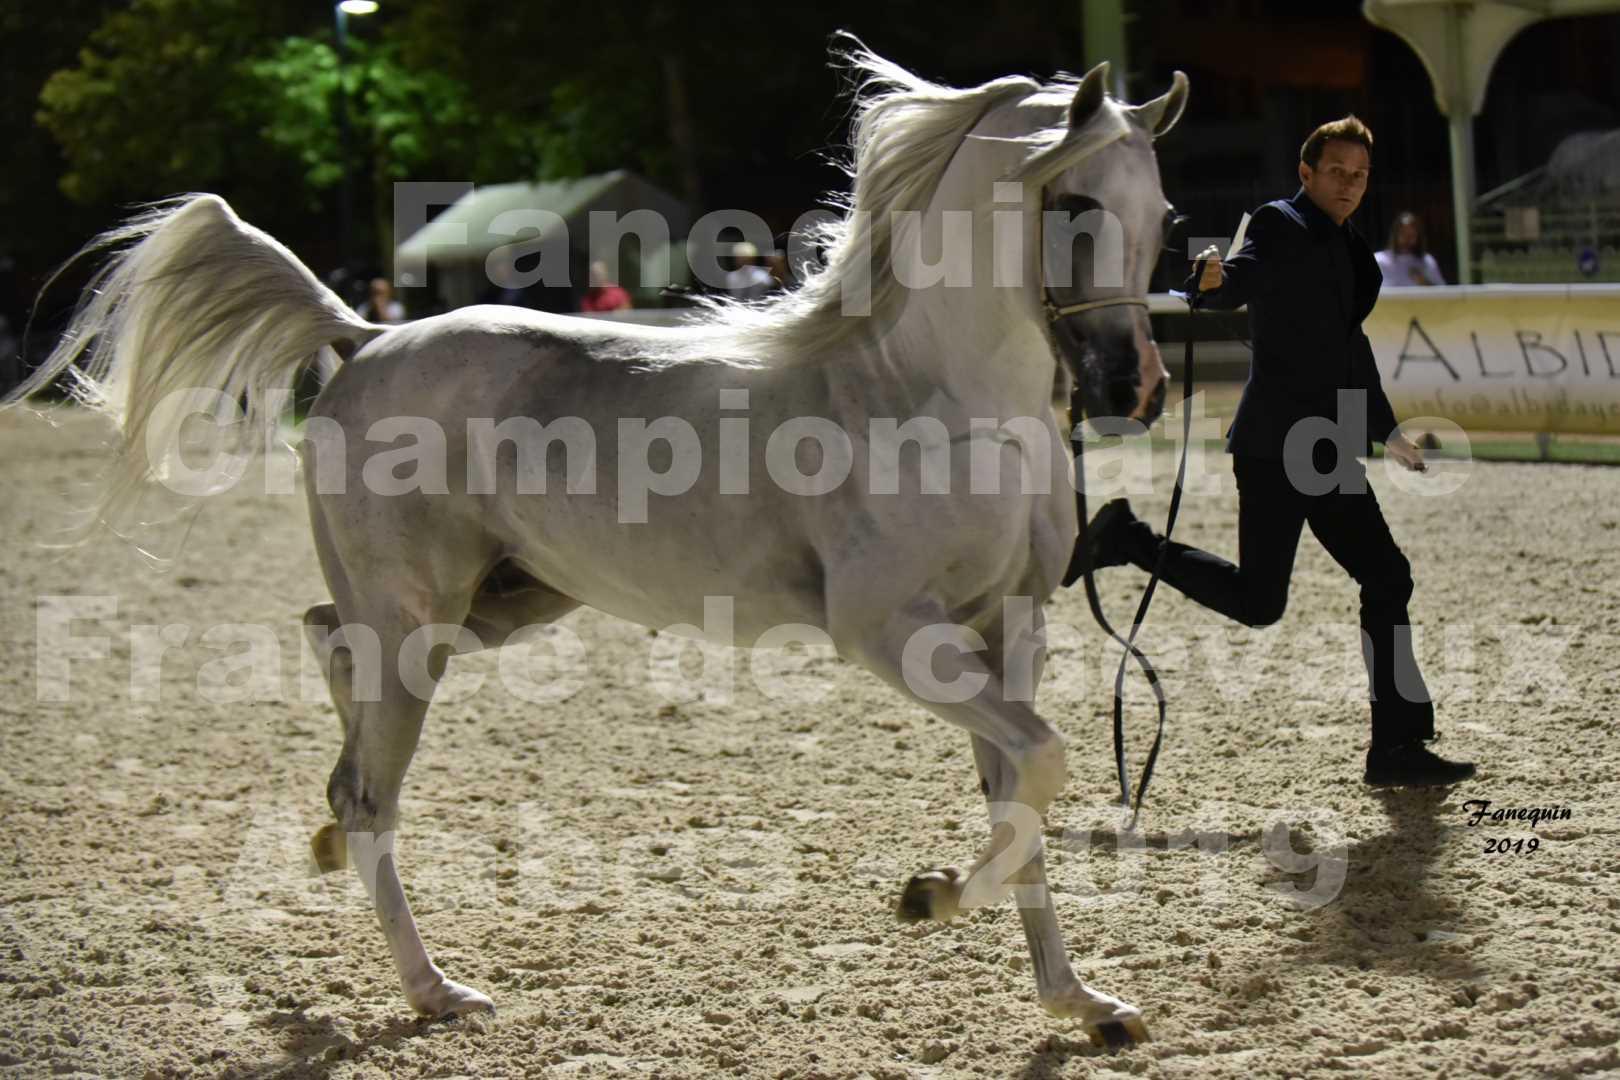 Championnat de France des chevaux Arabes en 2019 à VICHY - SHAMS EL ASHIRAF - 3